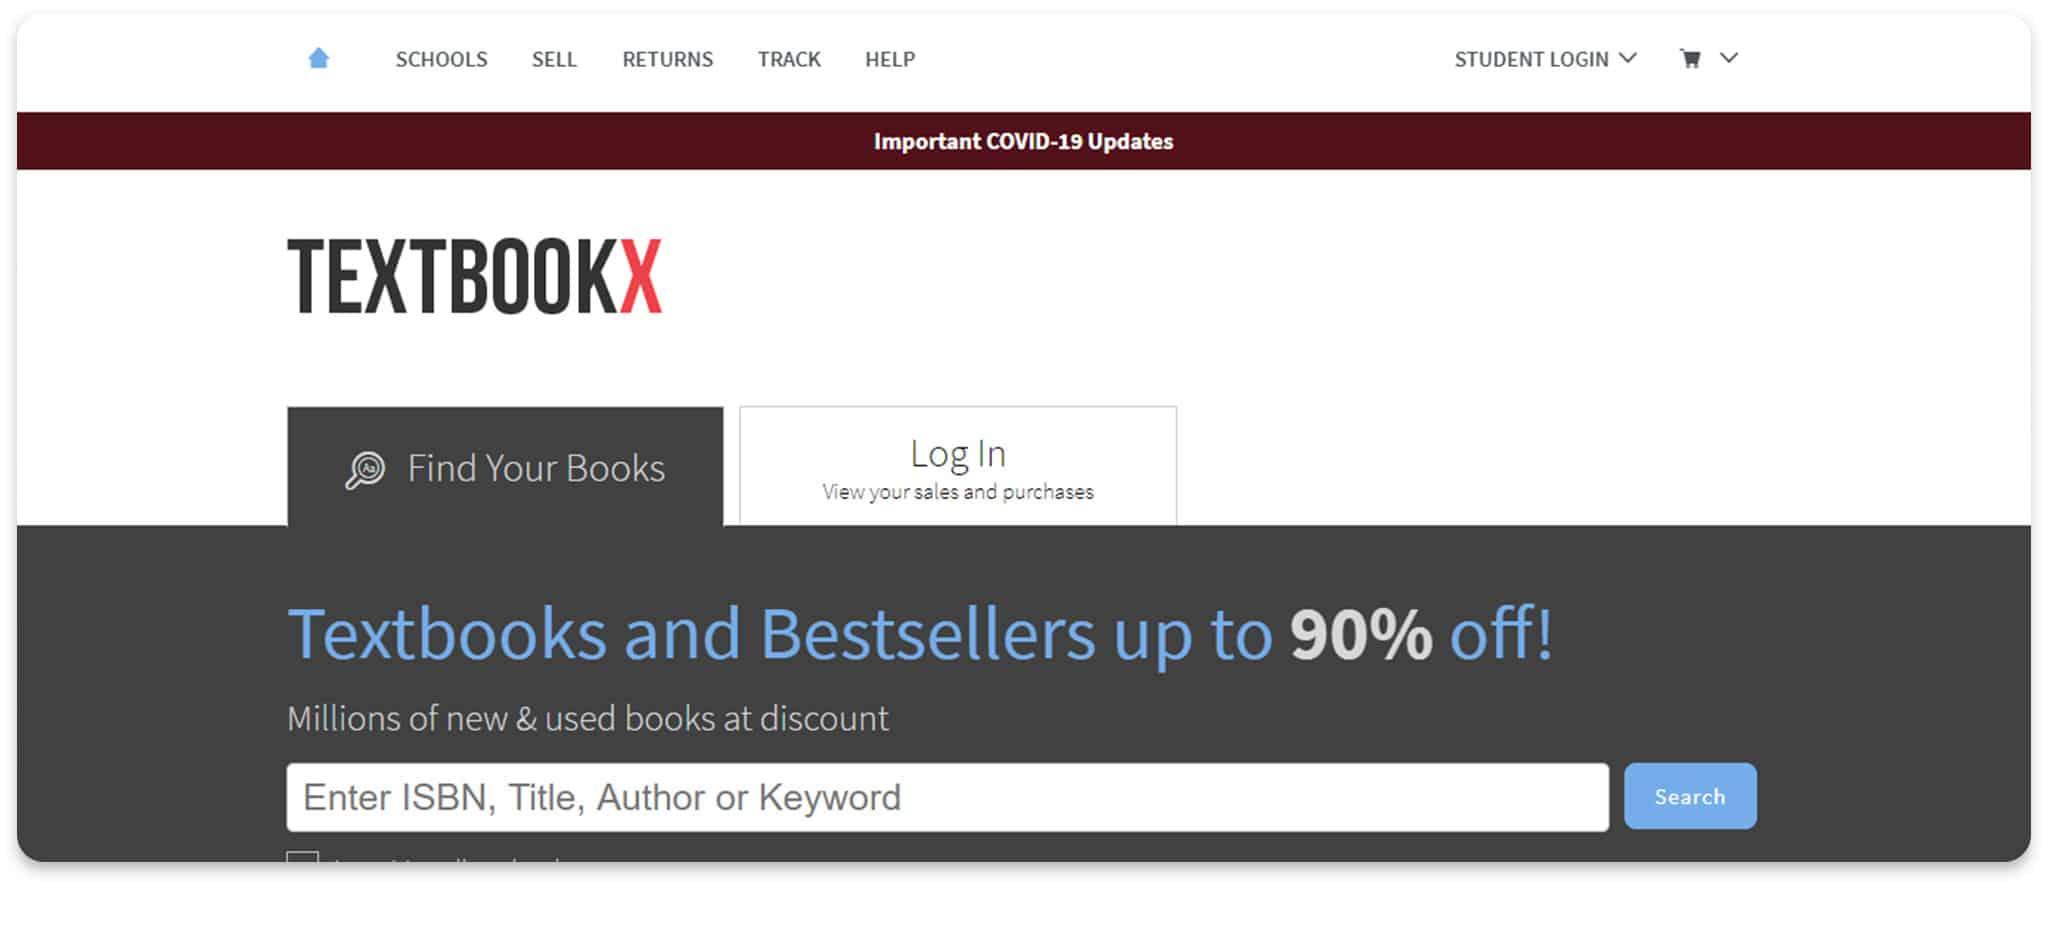 TexbookX Affiliate